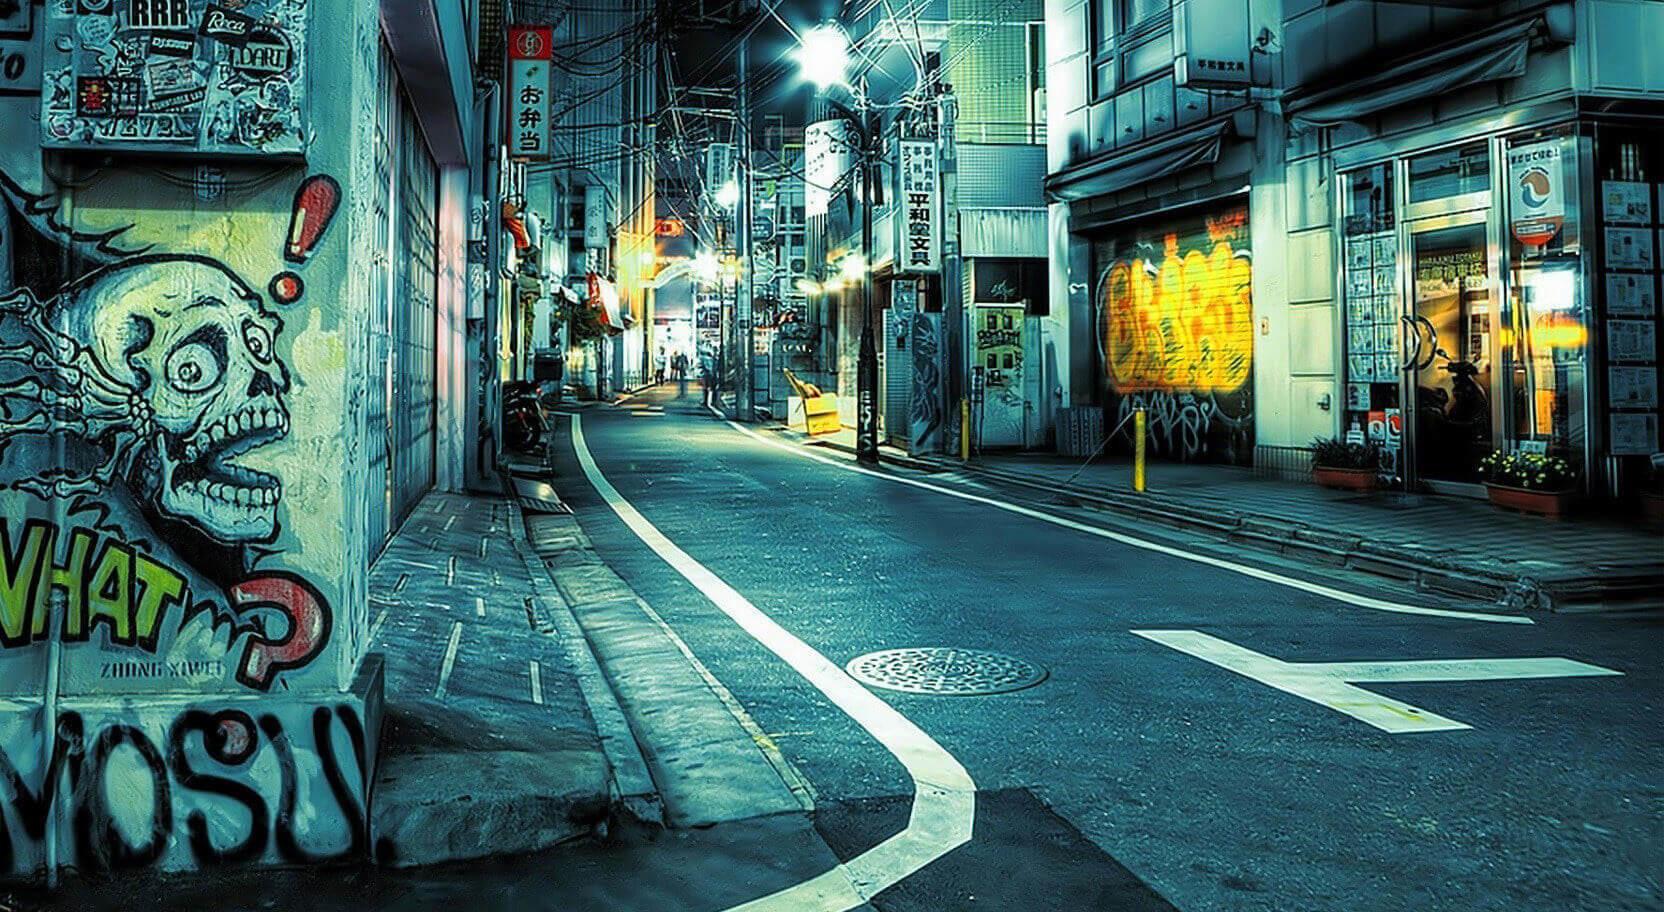 Urban kategorisi için resim